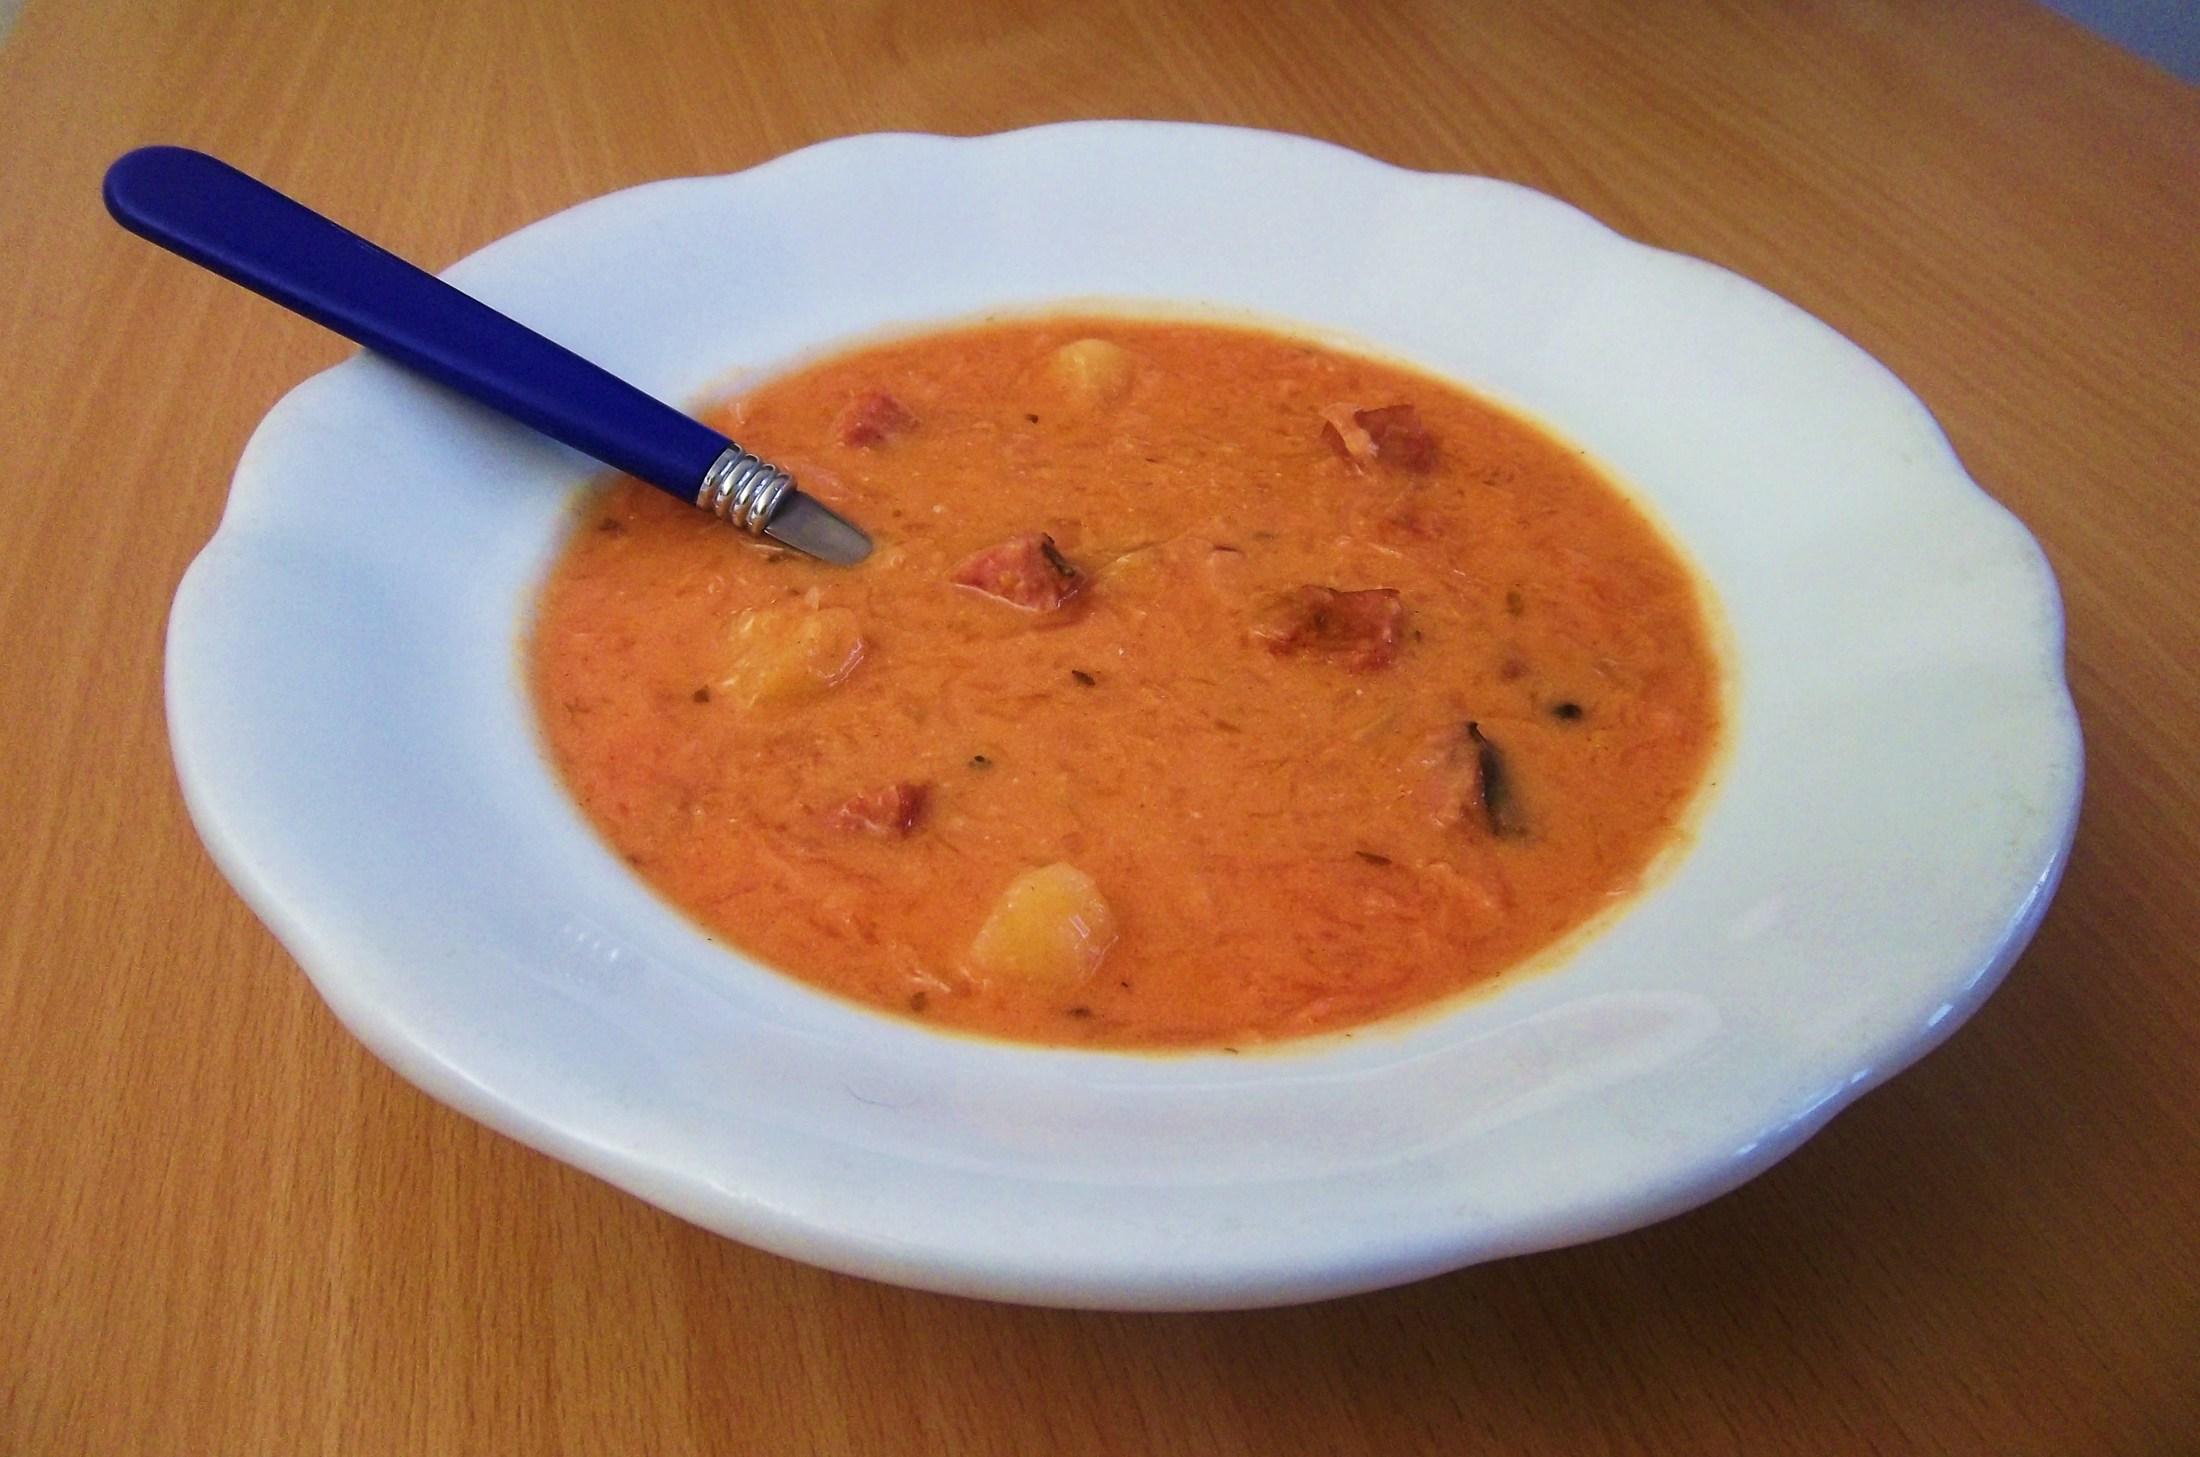 Recept Zelňačka s klobásou - Zelňačka dochucená lákem z červené řepy.